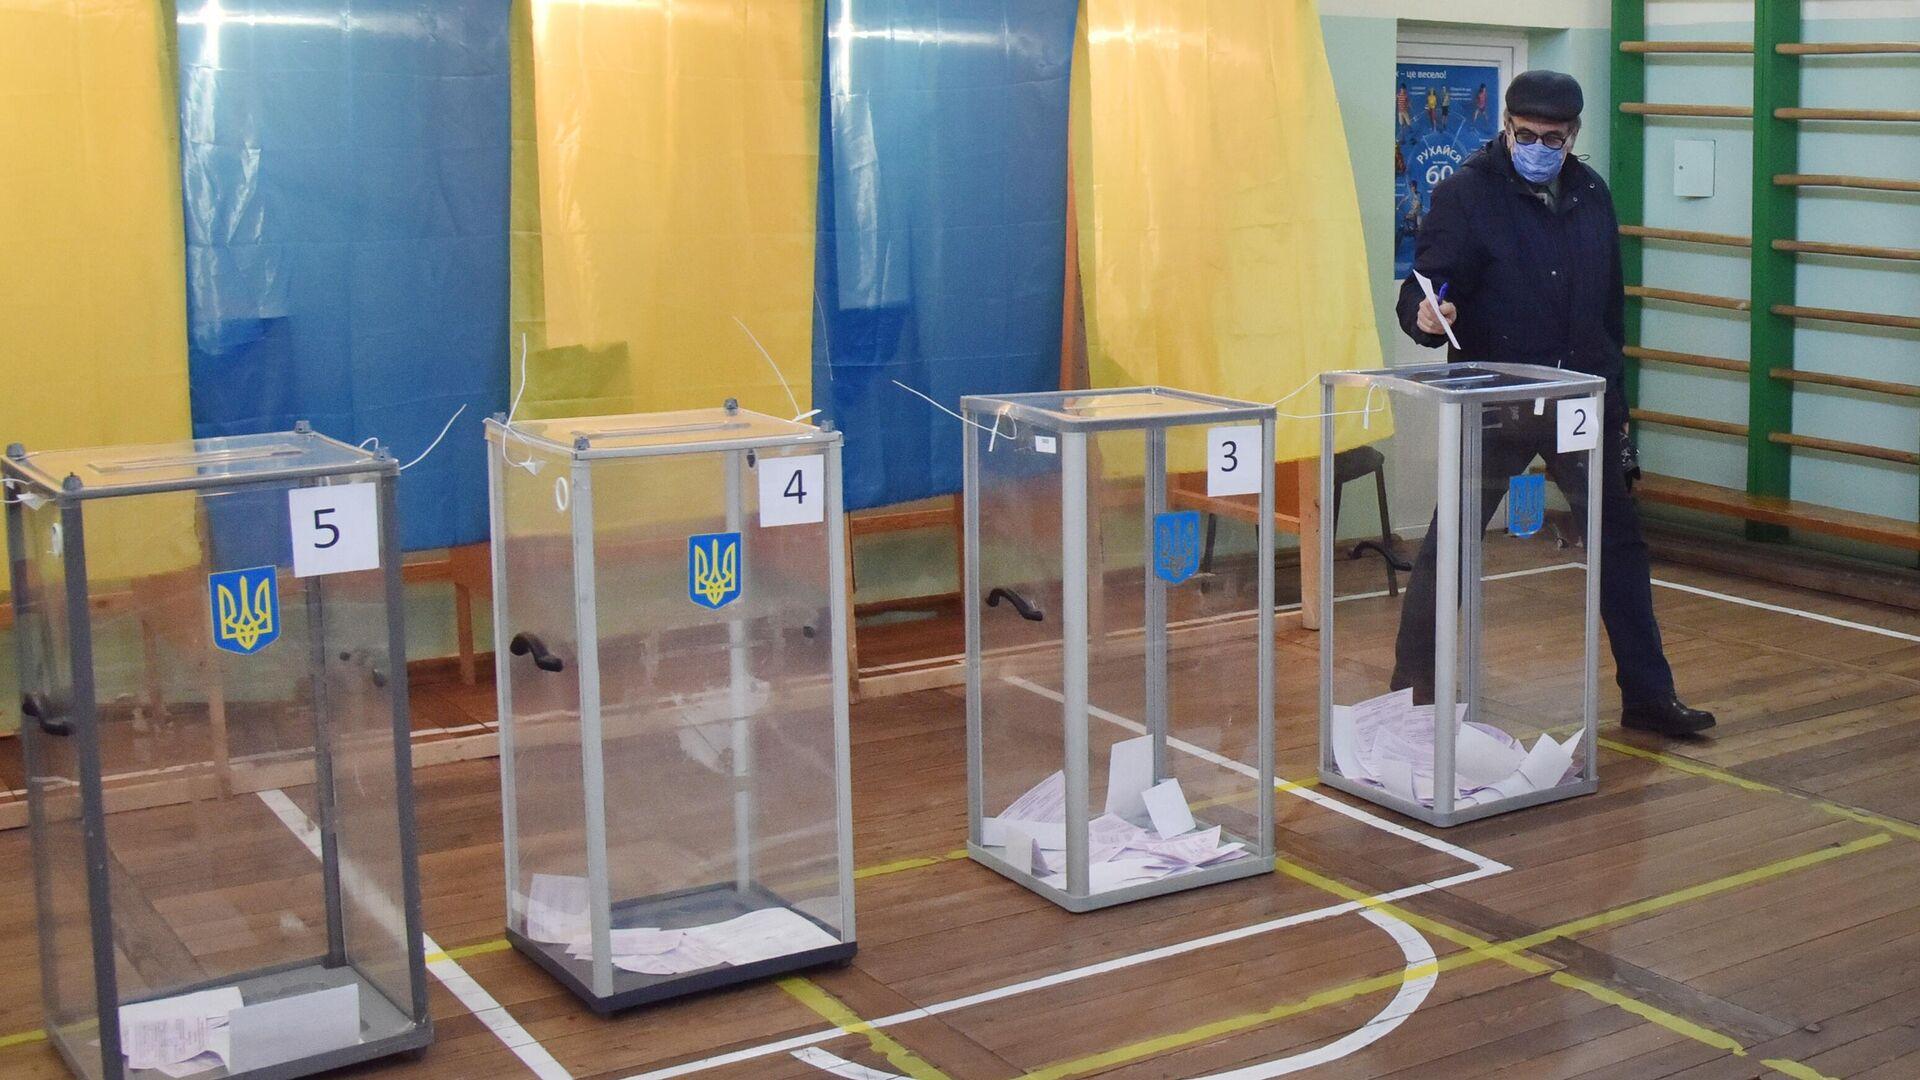 Мужчина голосует на избирательном участке во Львове - РИА Новости, 1920, 28.11.2020